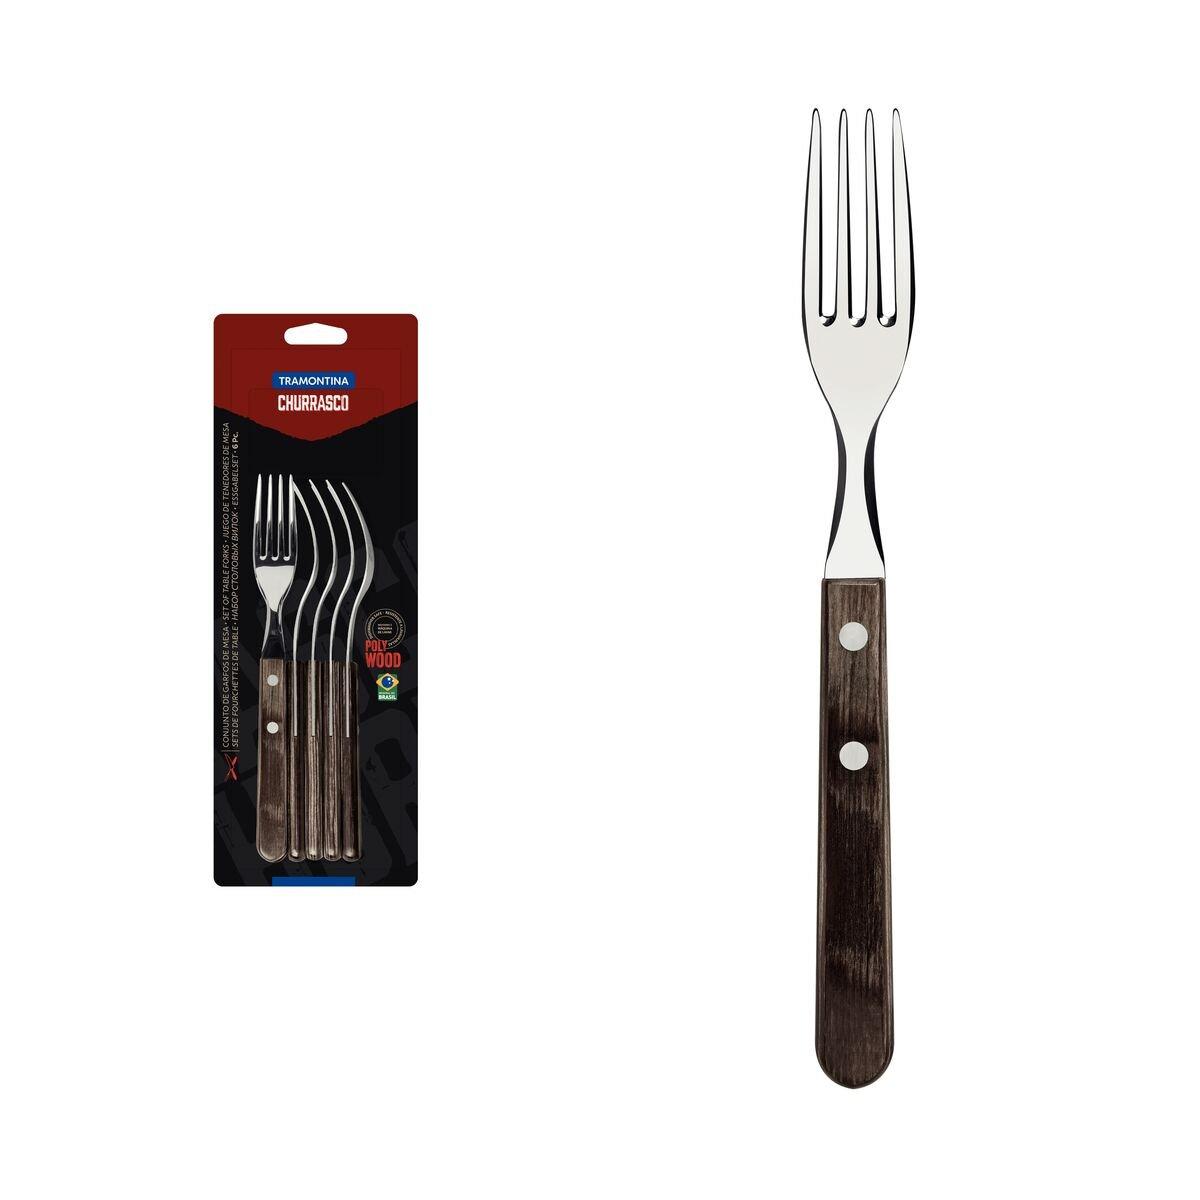 Table forks set 6 pzas